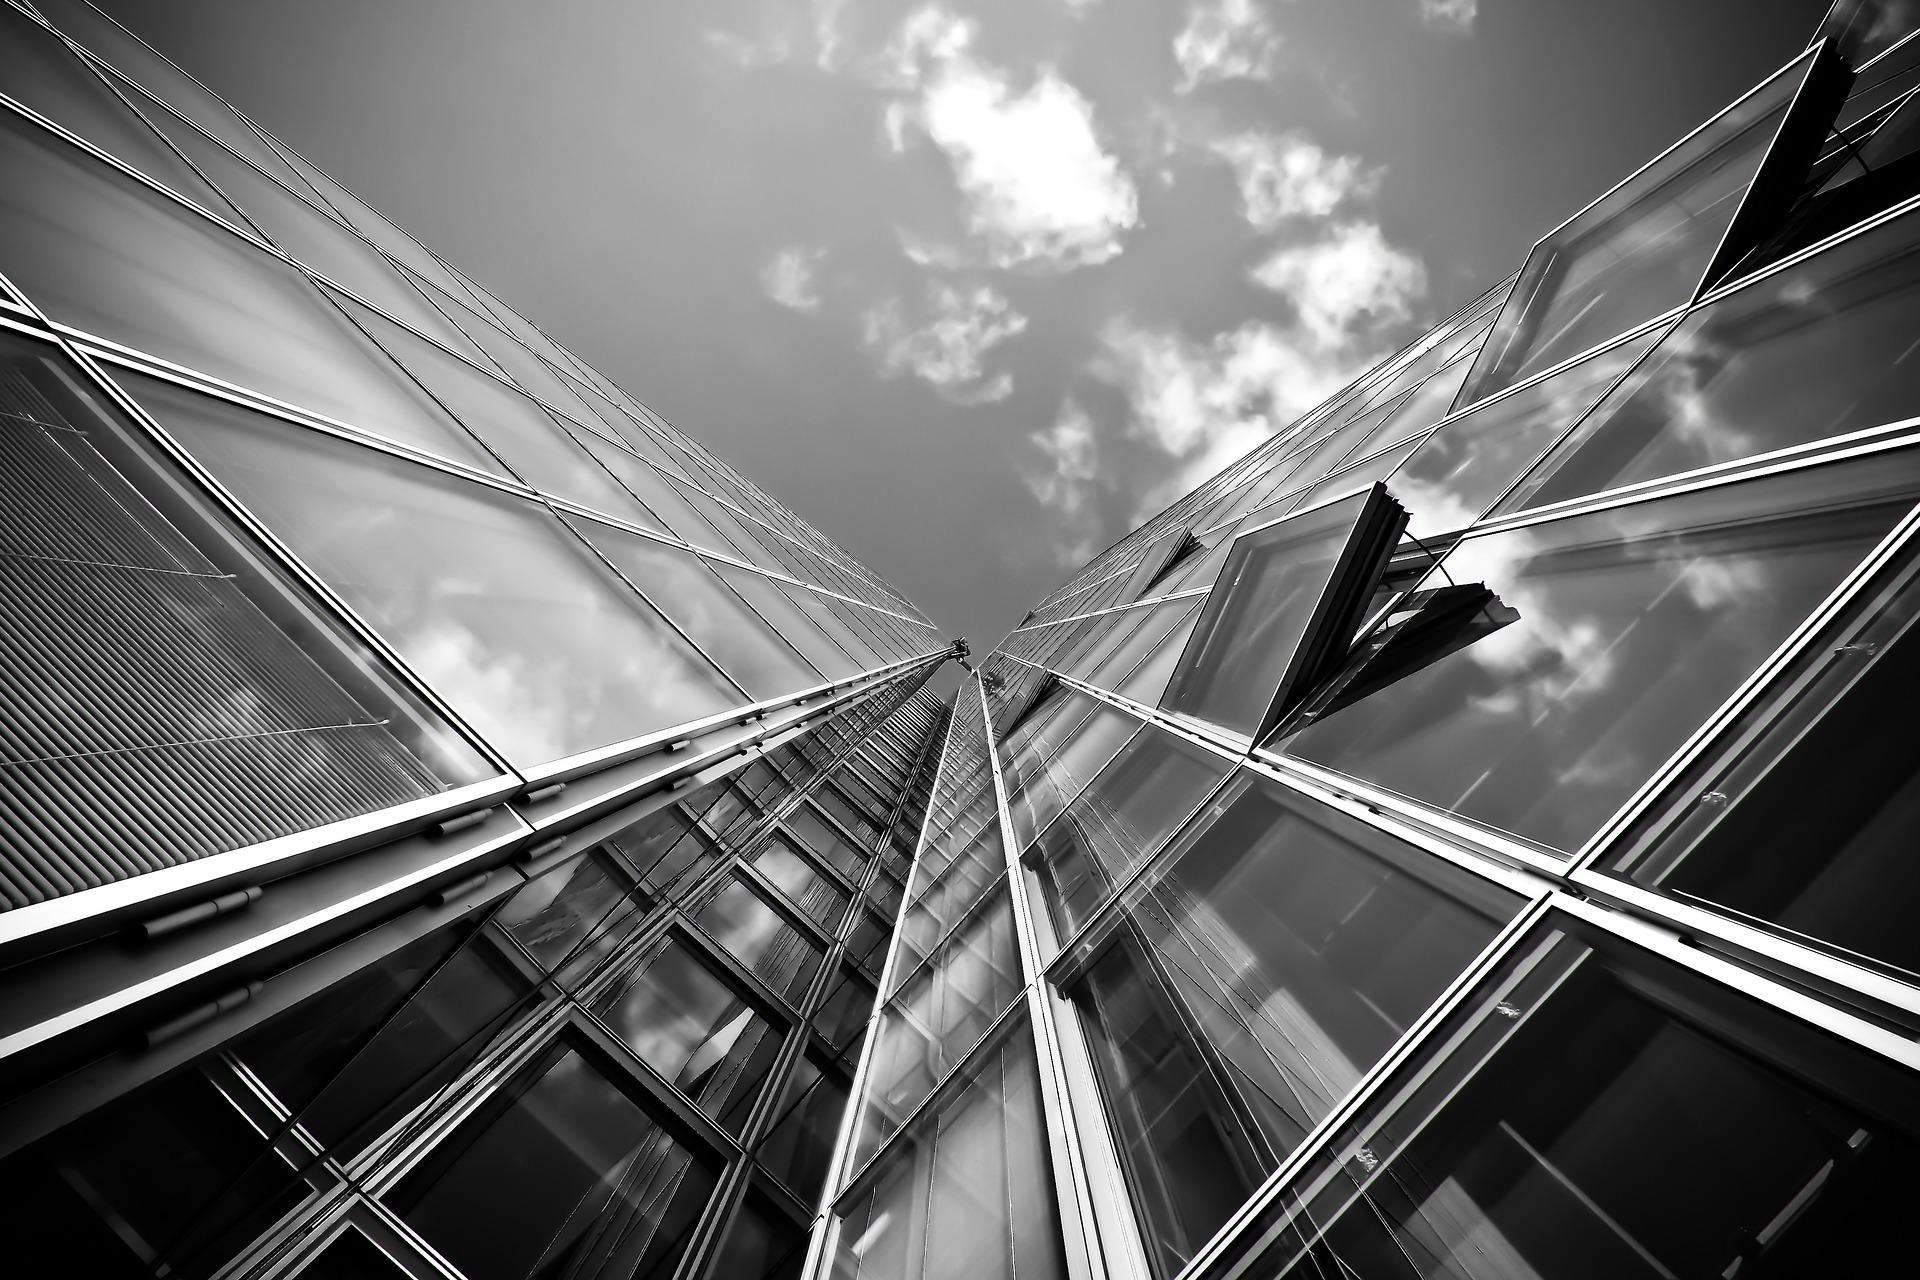 Naprawa okien Dopczyce – kiedy konieczna wymiana okna a kiedy wystarczy naprawa?